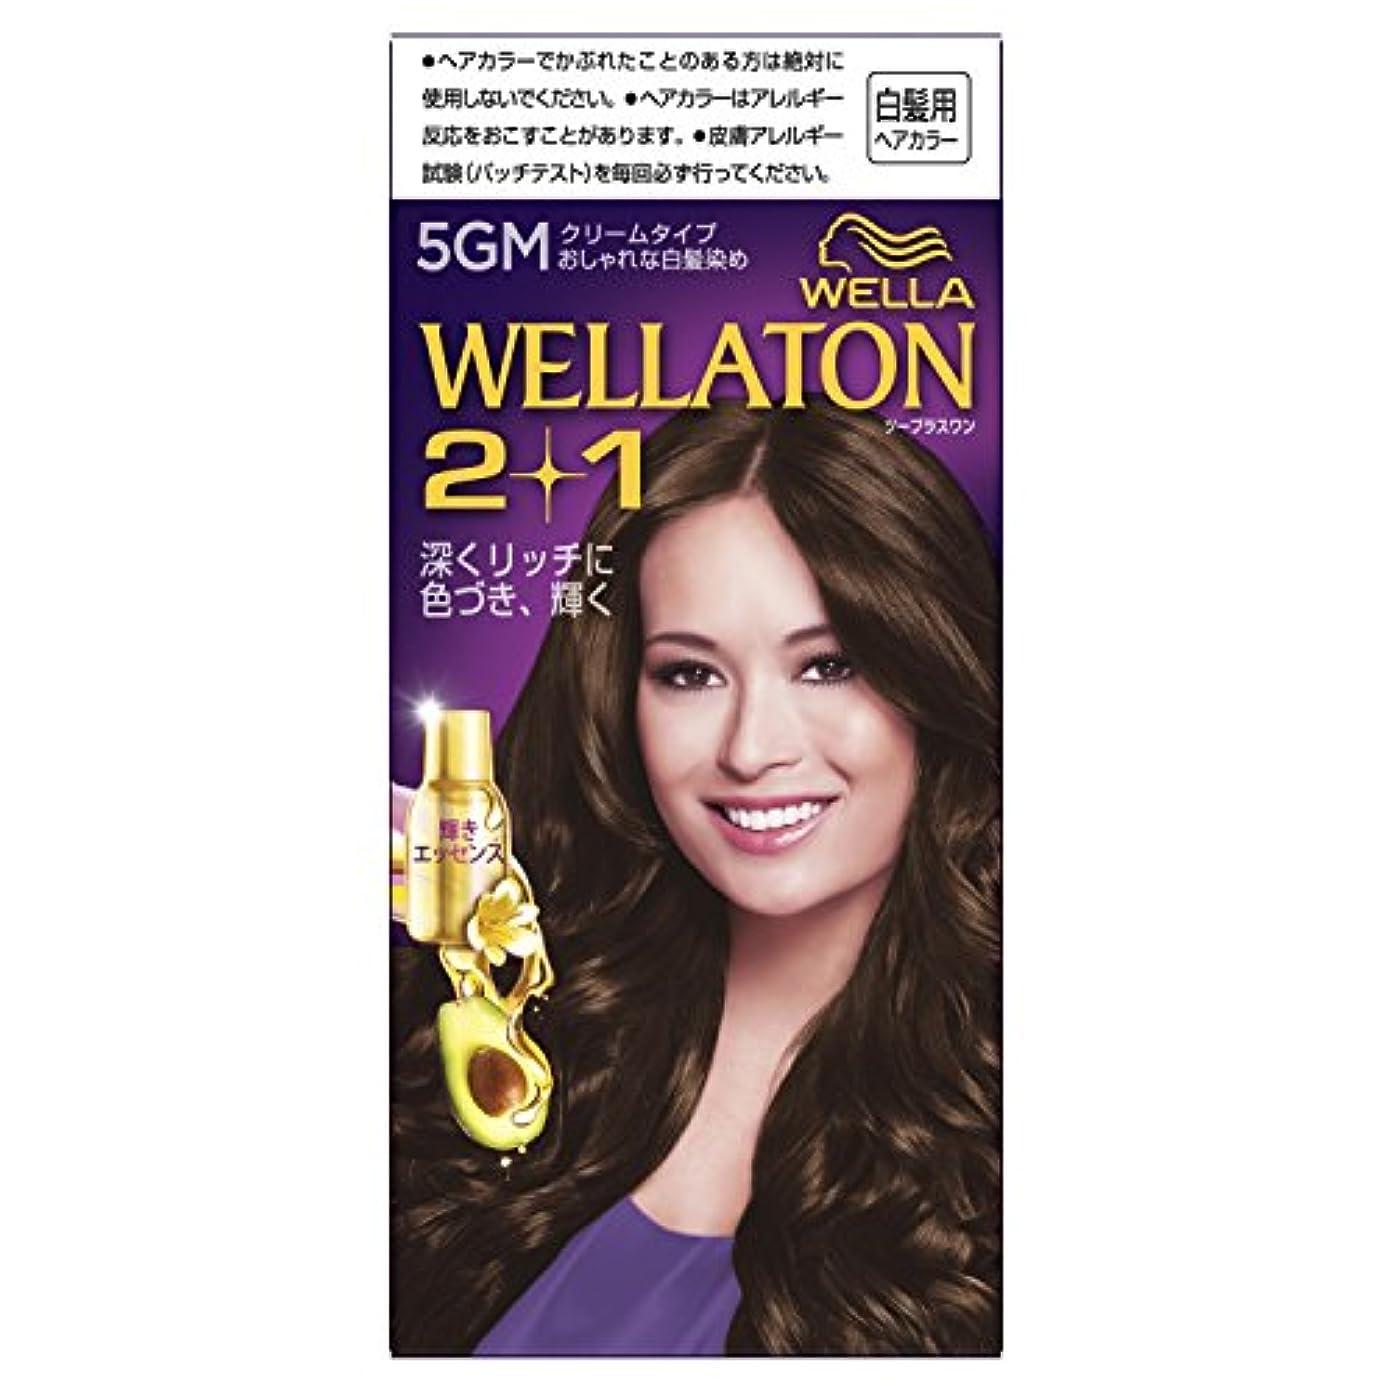 細分化する広範囲にウェブウエラトーン2+1 クリームタイプ 5GM [医薬部外品](おしゃれな白髪染め)